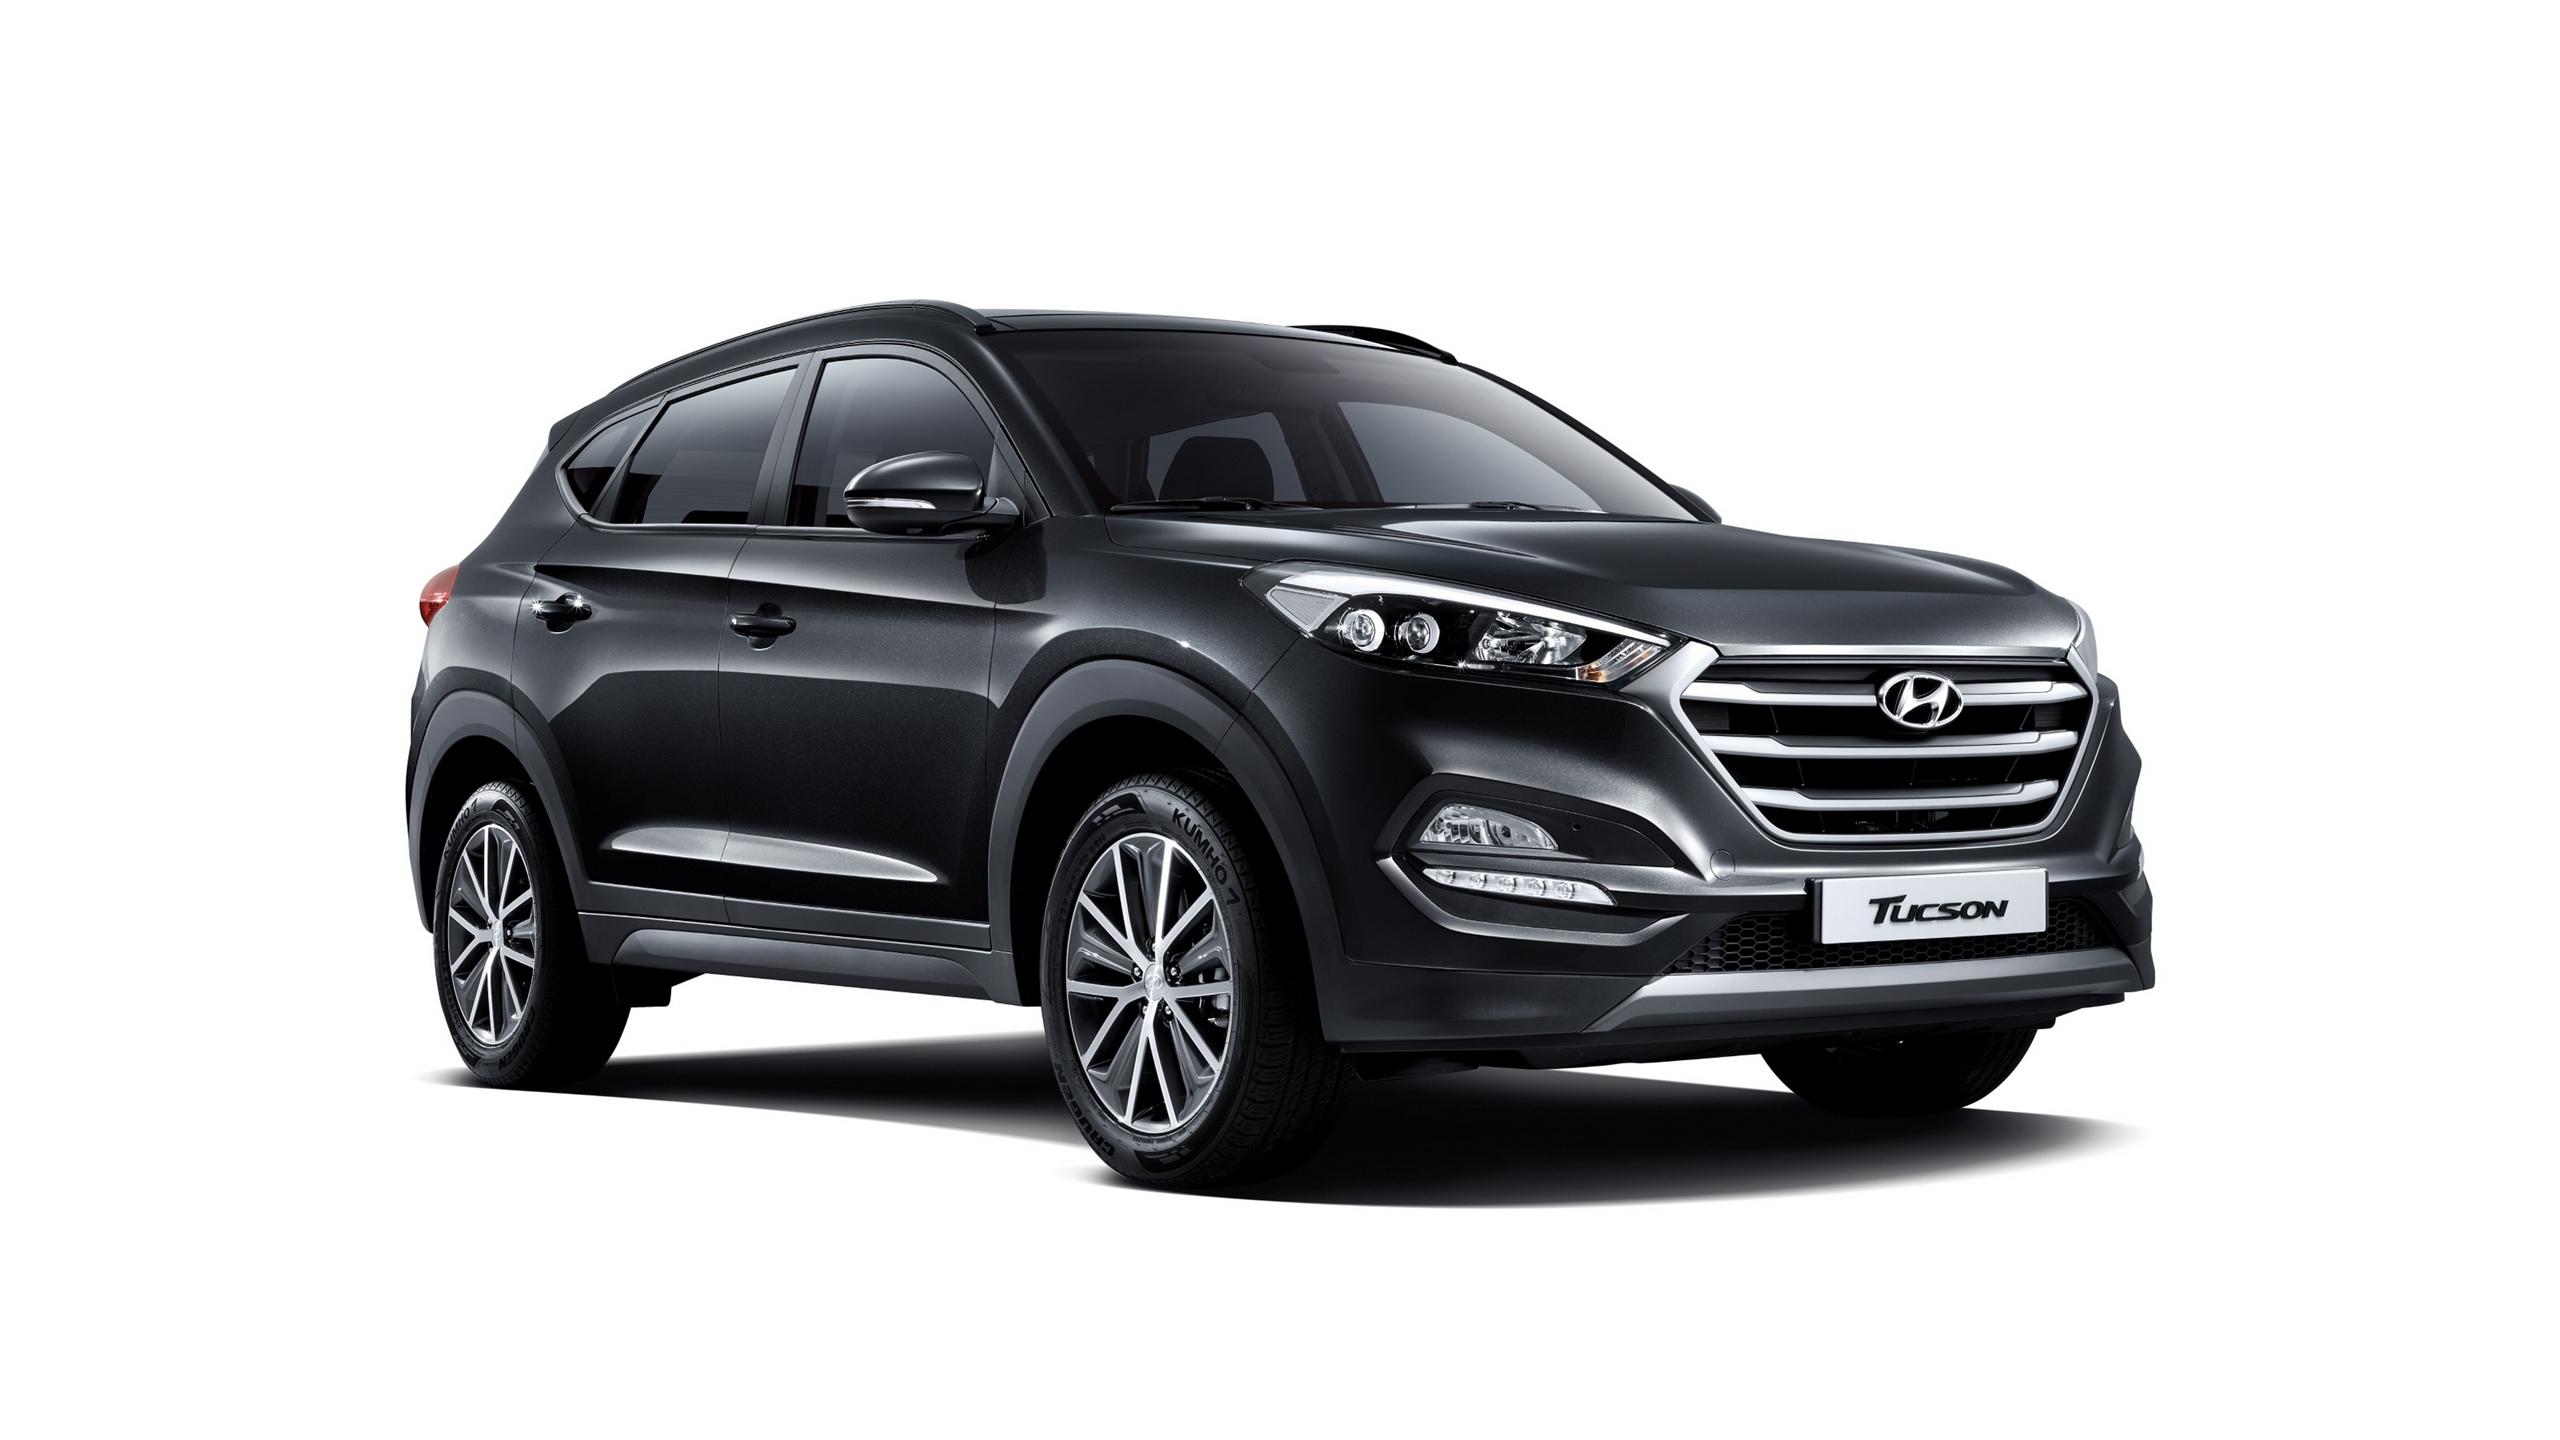 Czarny samochód Hyundai Tucson